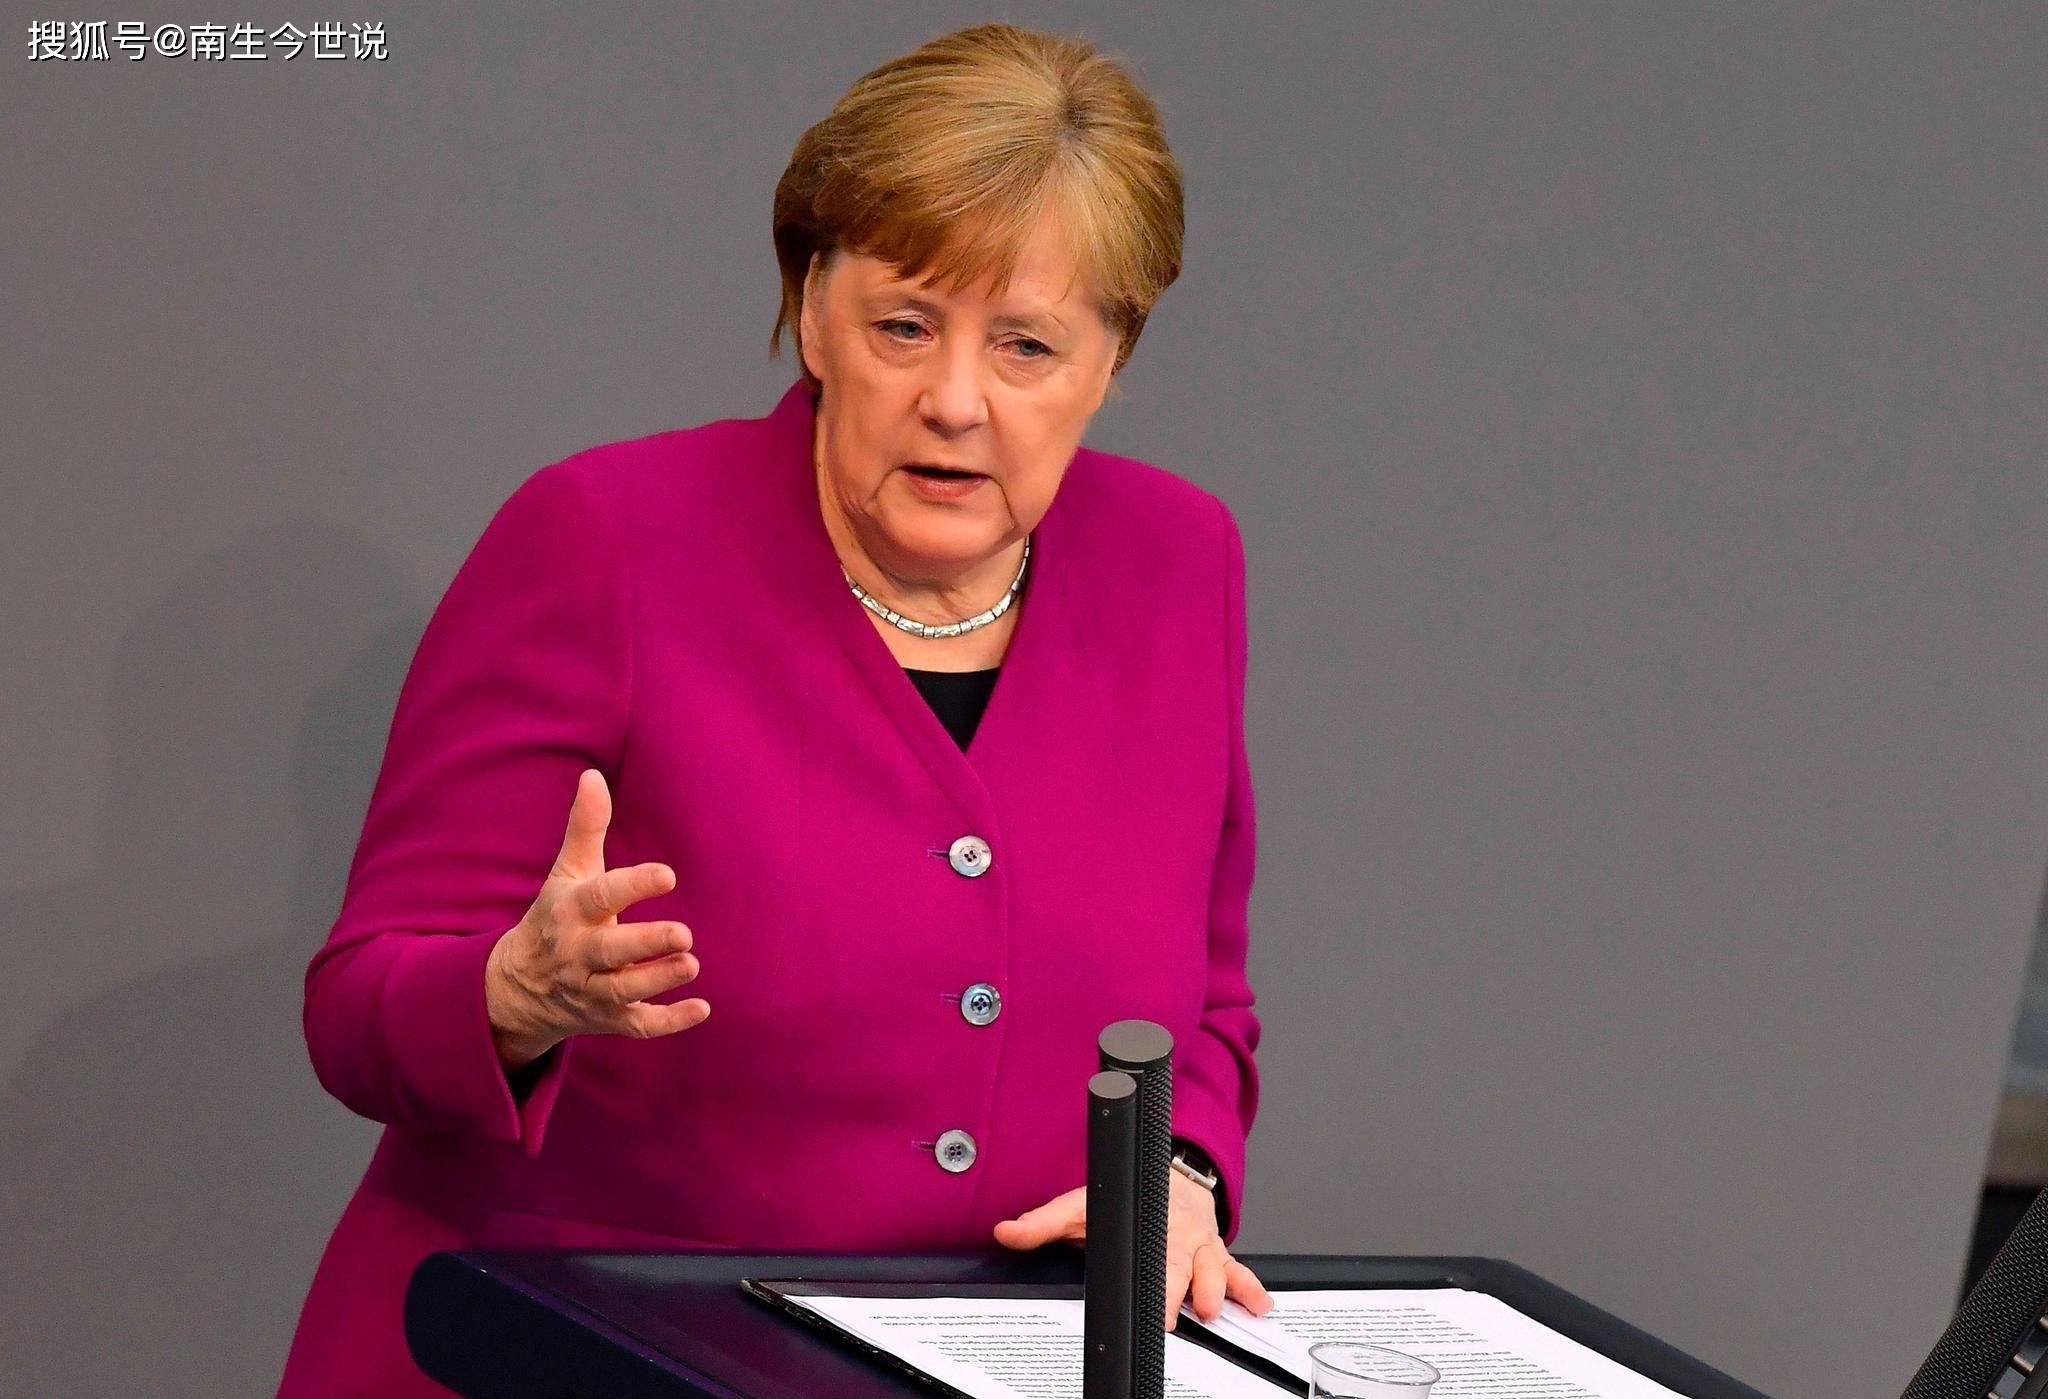 韩国gdp_别小看韩国,GDP超俄罗斯,军力超德国,放到欧洲有机会进入前三